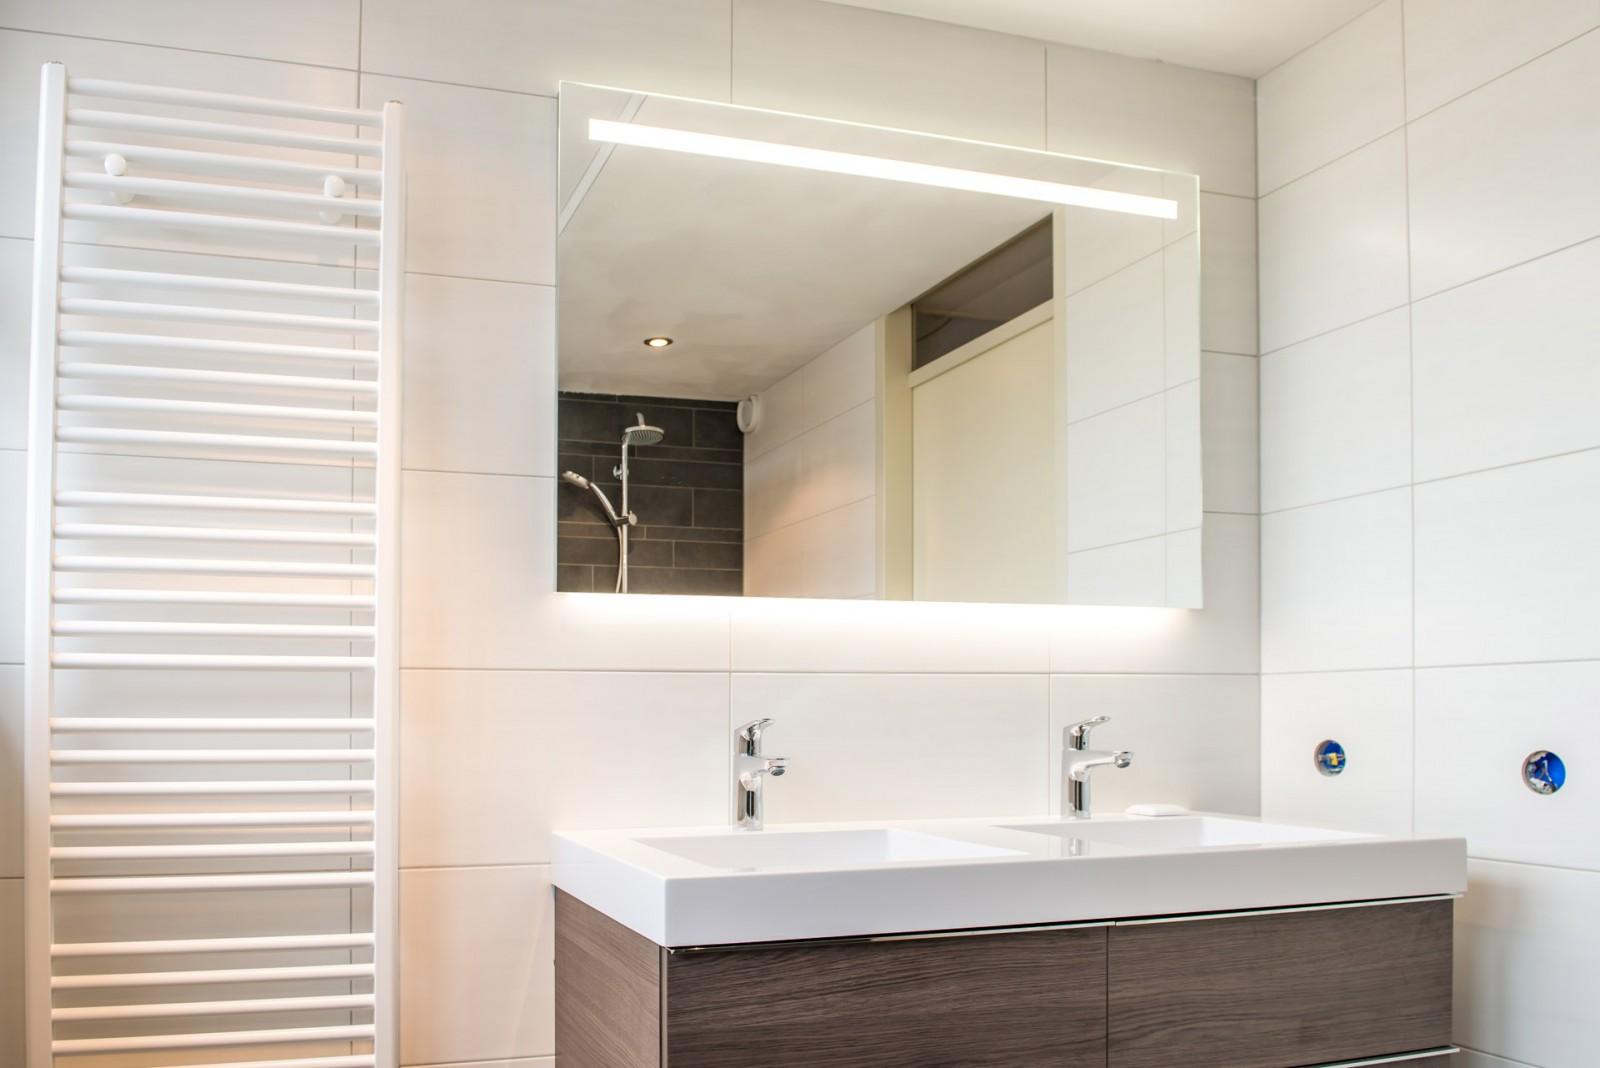 Badkamer gemert badkamer ontwerp idee n voor uw huis samen met meubels die het - Renoveren meubilair badkamer ...